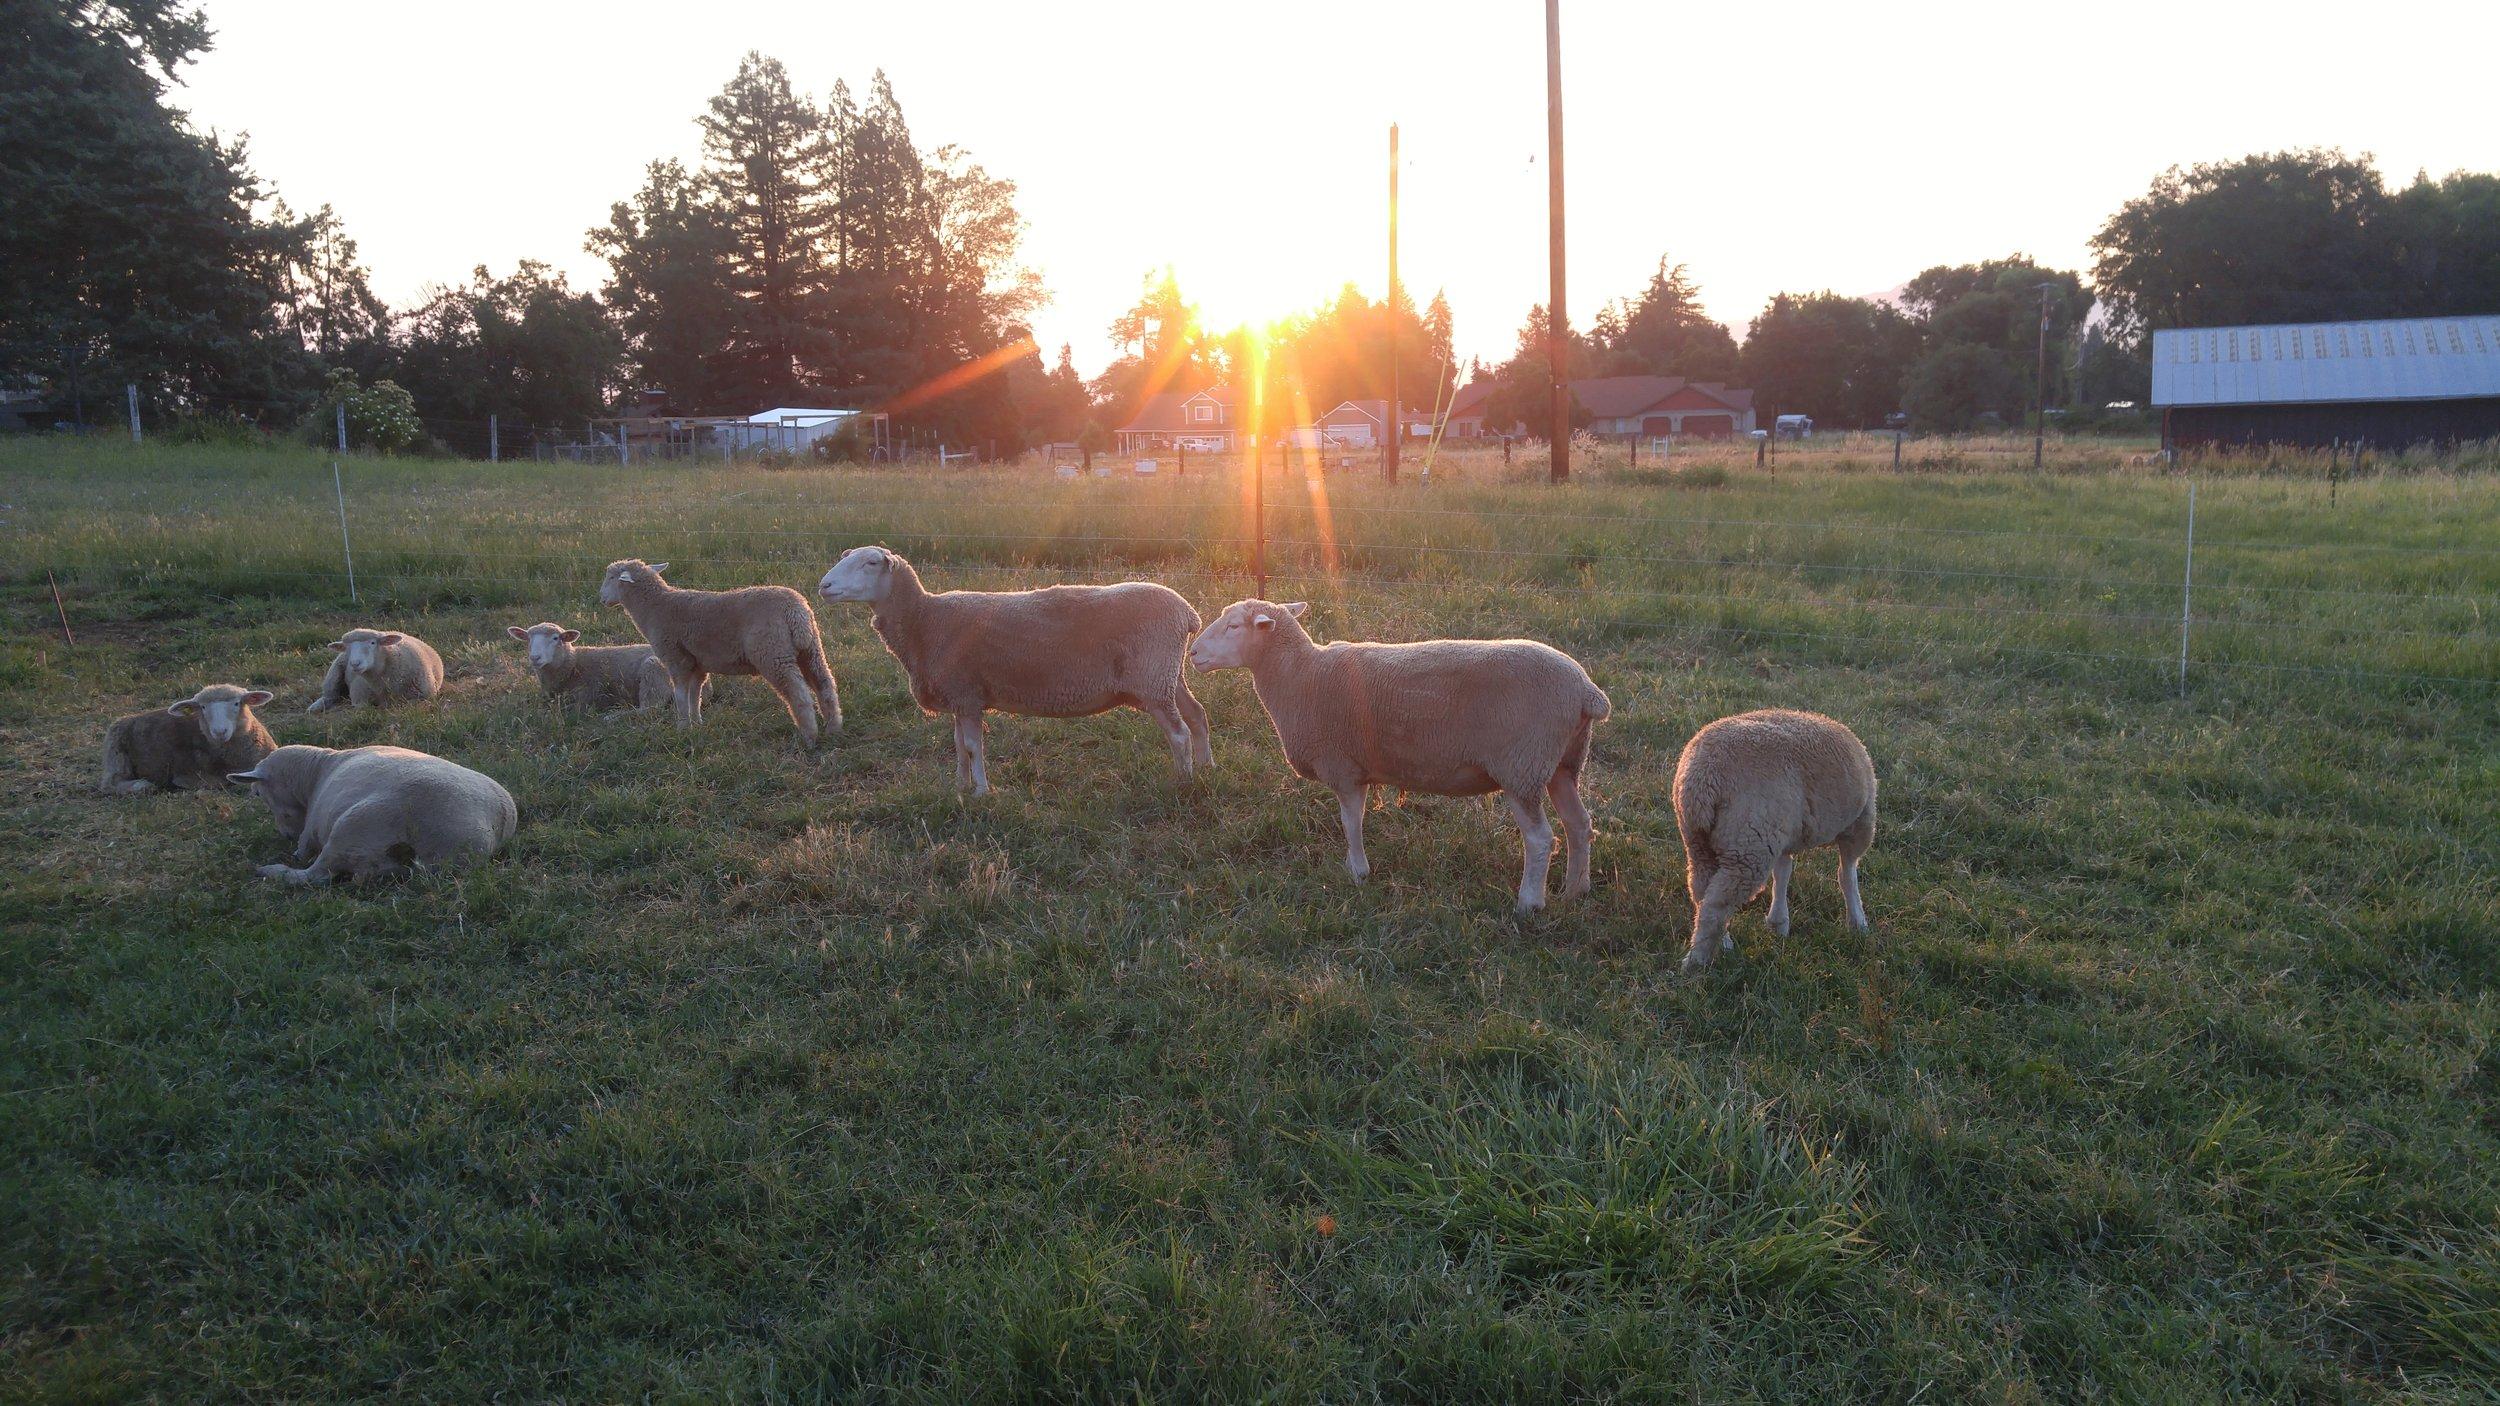 sheep in morning sun.jpg